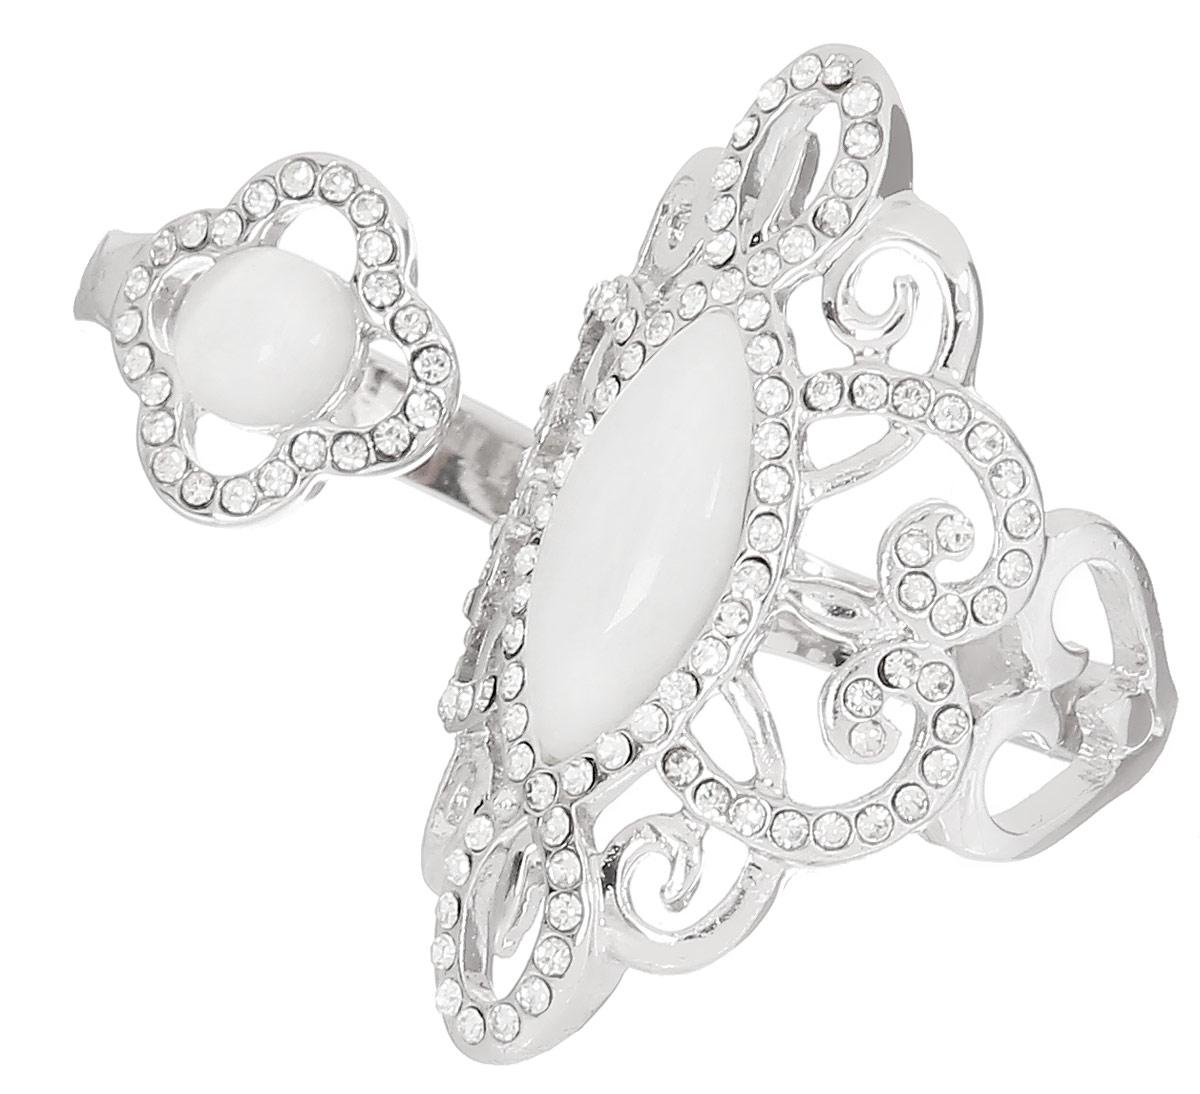 Кольцо на два пальца Art-Silver, цвет: серебристый. 069016-1319. Размер 18069016-1319Стильное кольцо на два пальца Art-Silver изготовлено из бижутерного сплава. Изделие надевается на два соседних пальца. Изделие оформлено мелкими цирконами и натуральным камнем кошачий глаз. Стильное кольцо придаст вашему образу изюминку и подчеркнет индивидуальность.